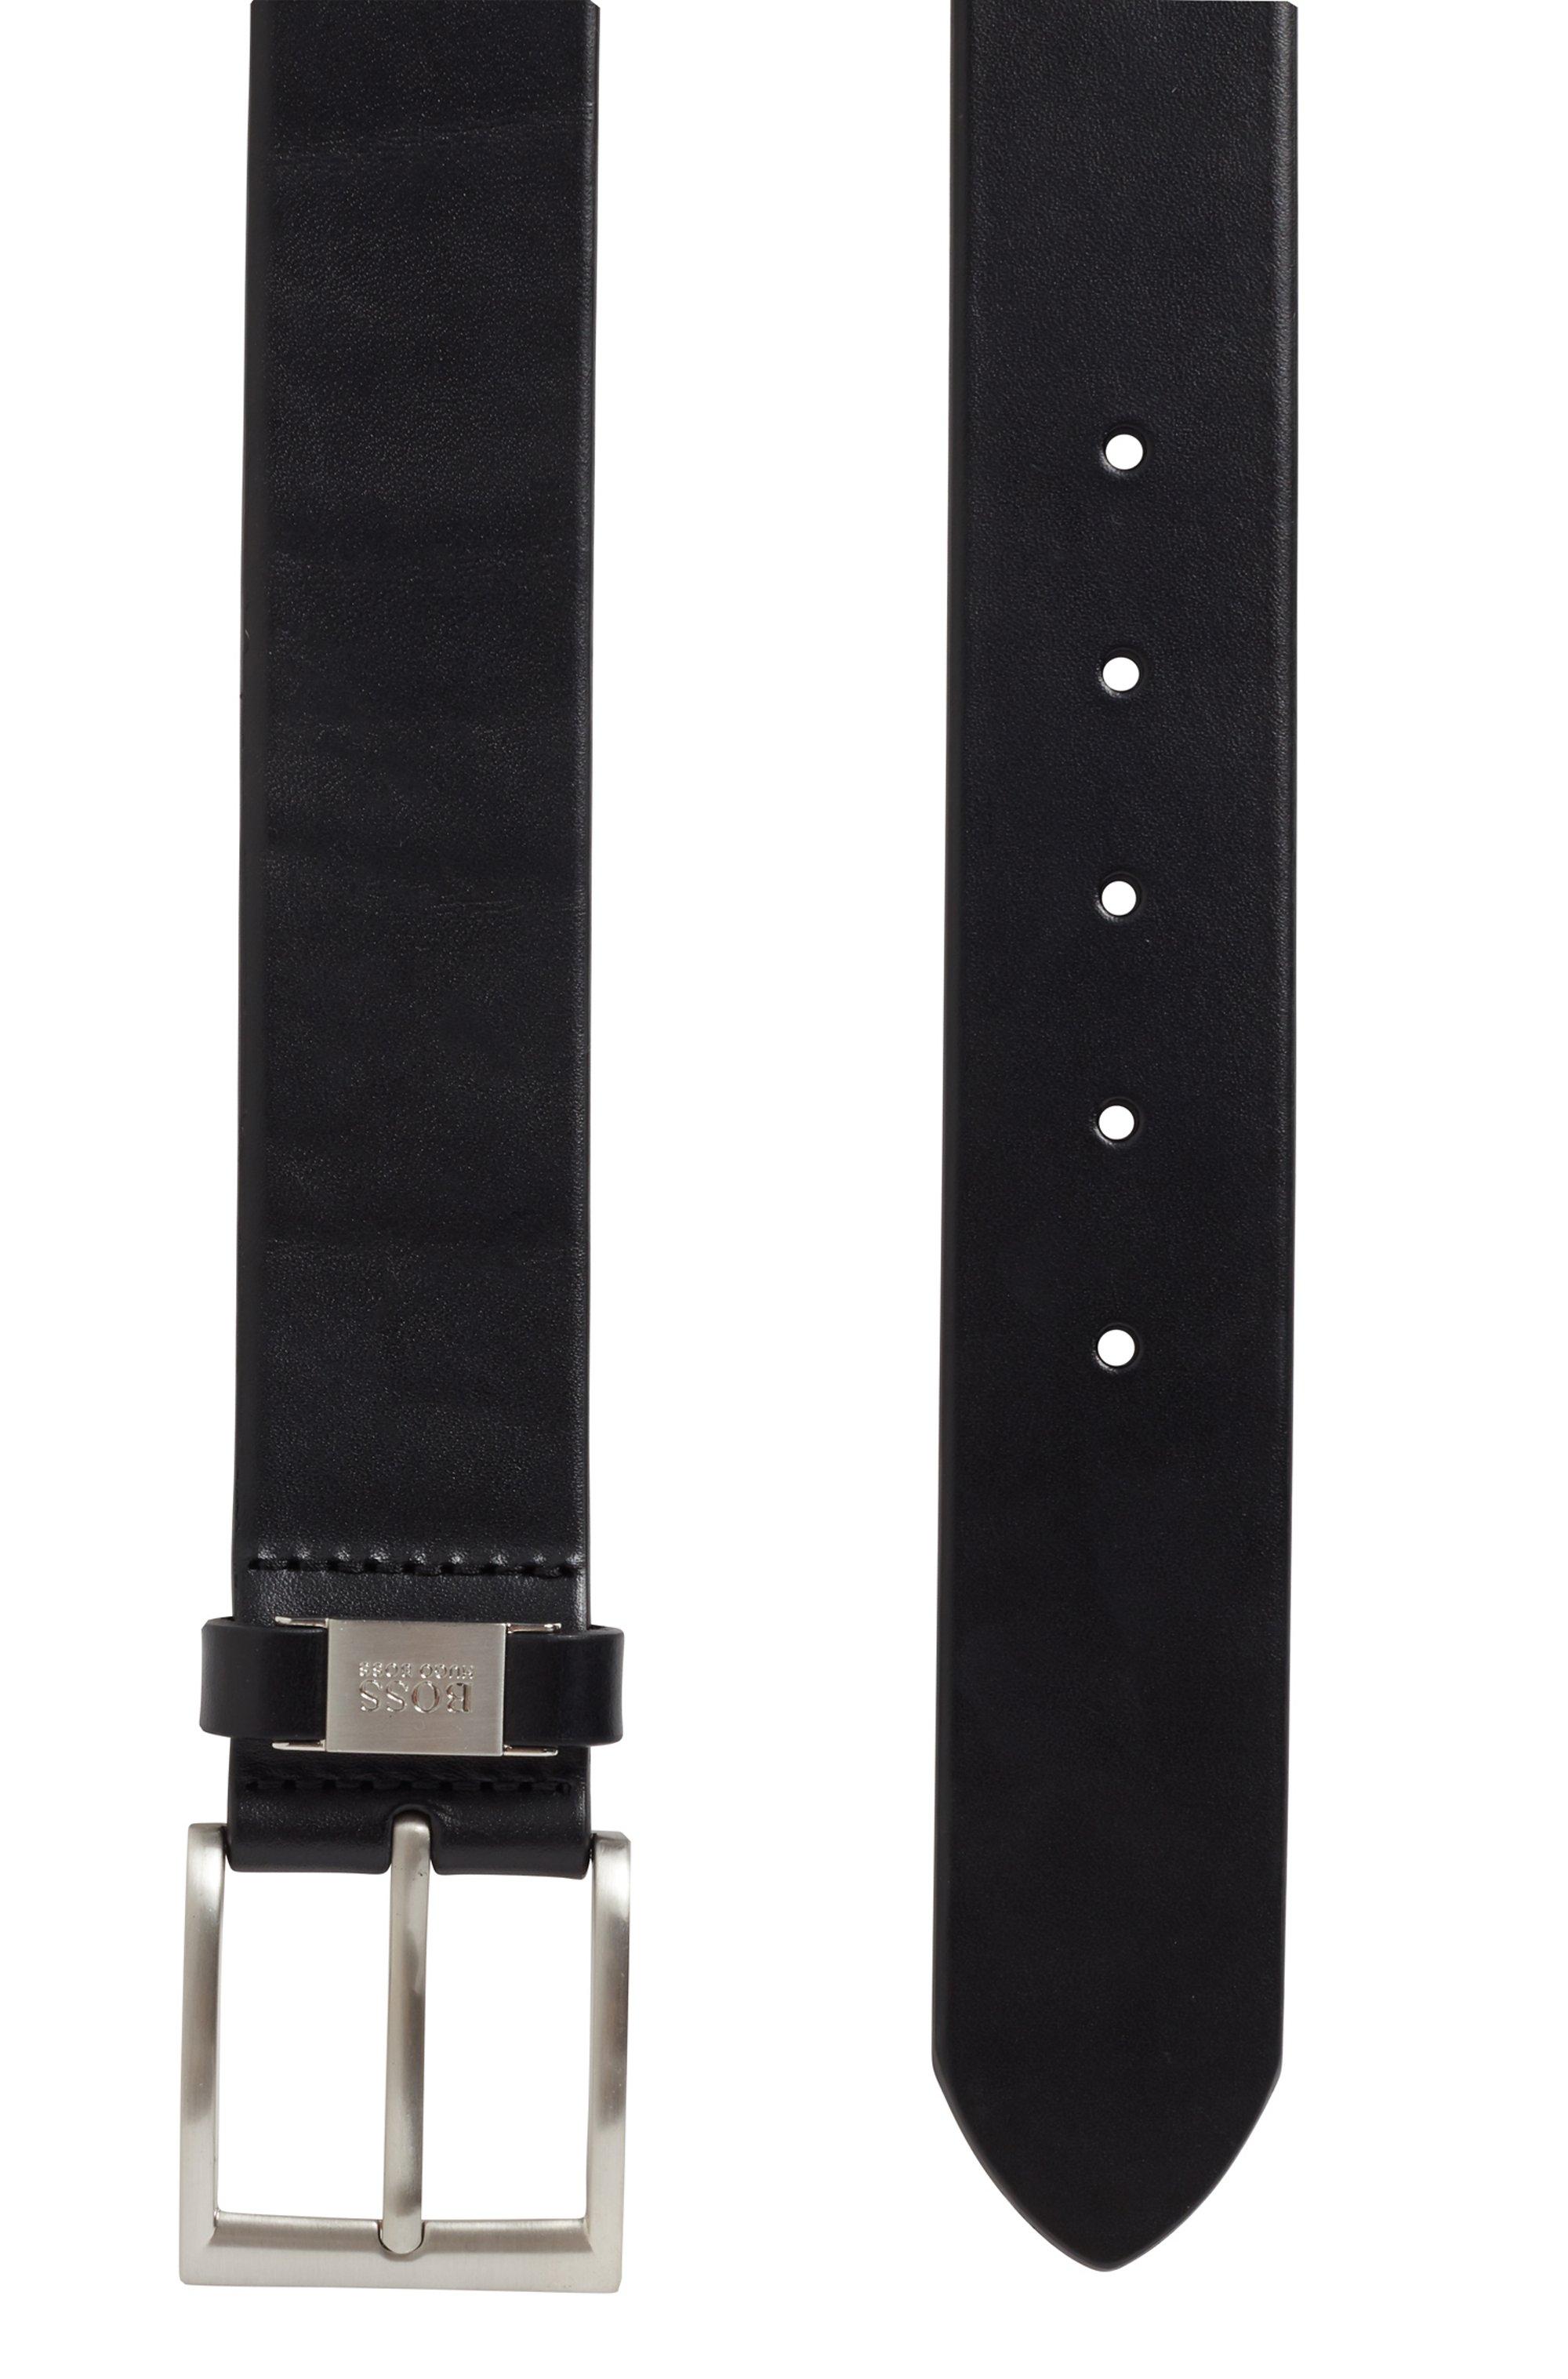 Cintura in pelle con dettaglio in metallo brandizzato sul passante